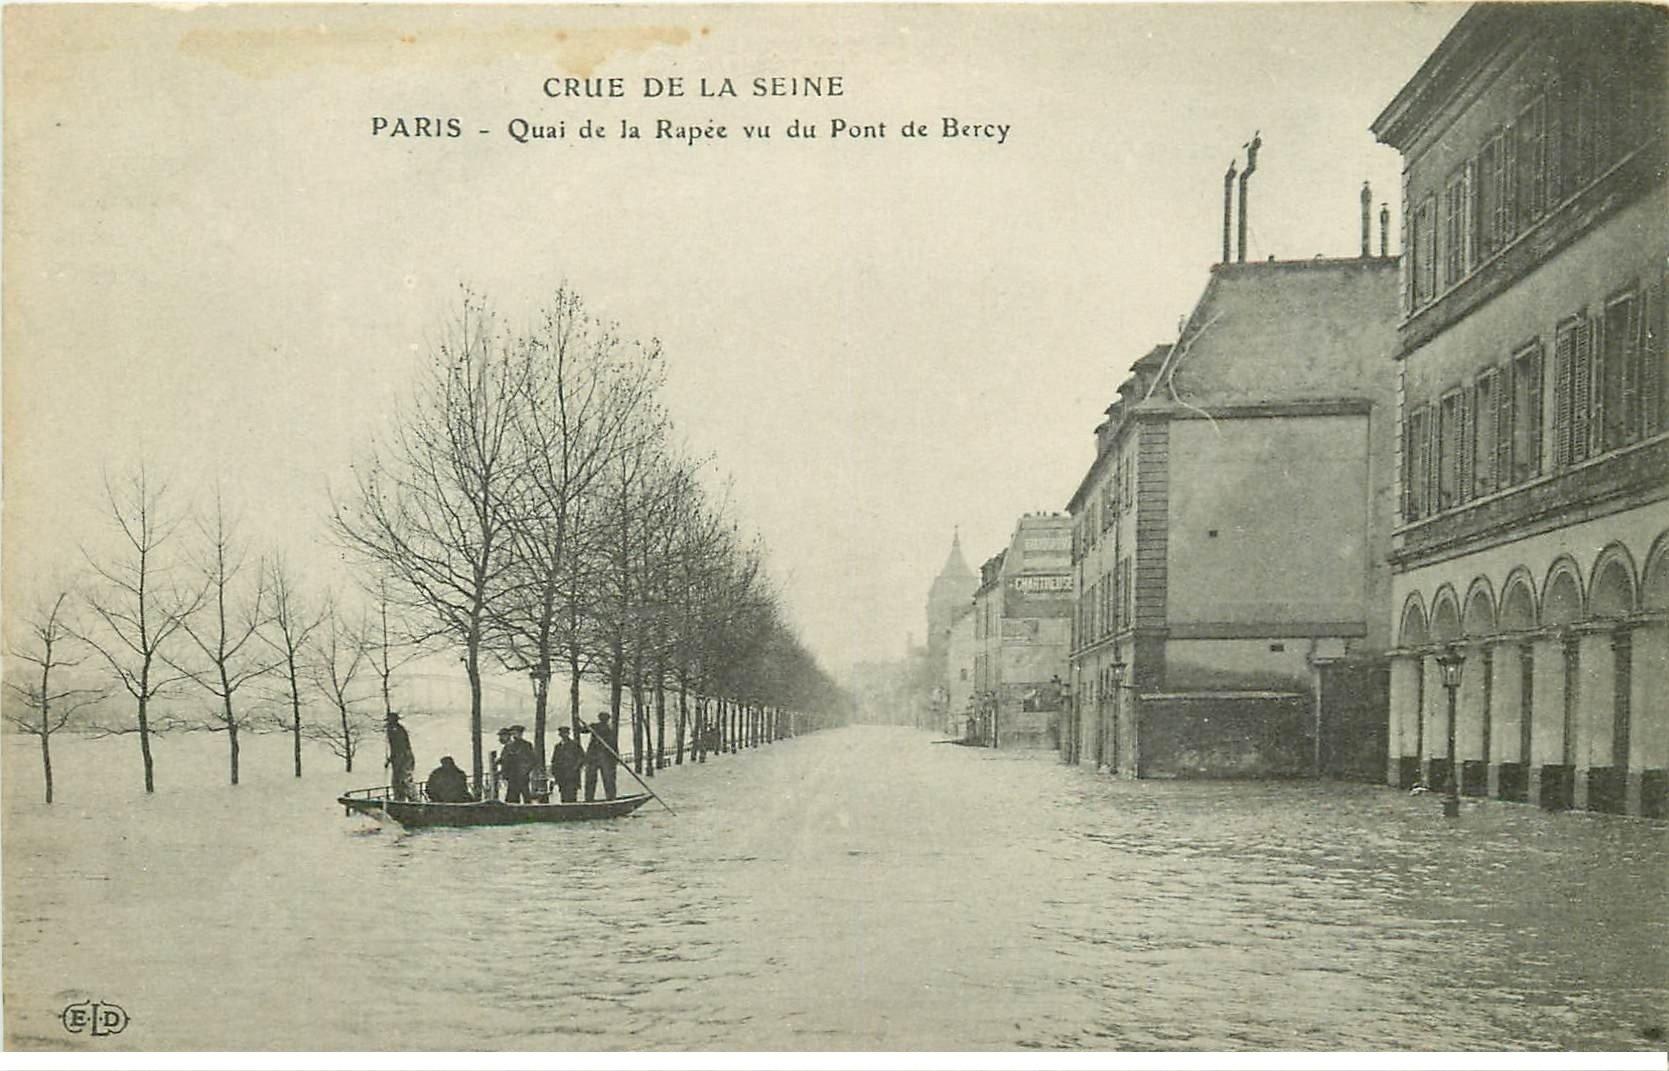 INONDATION ET CRUE DE PARIS 1910. Quai de la Rapée